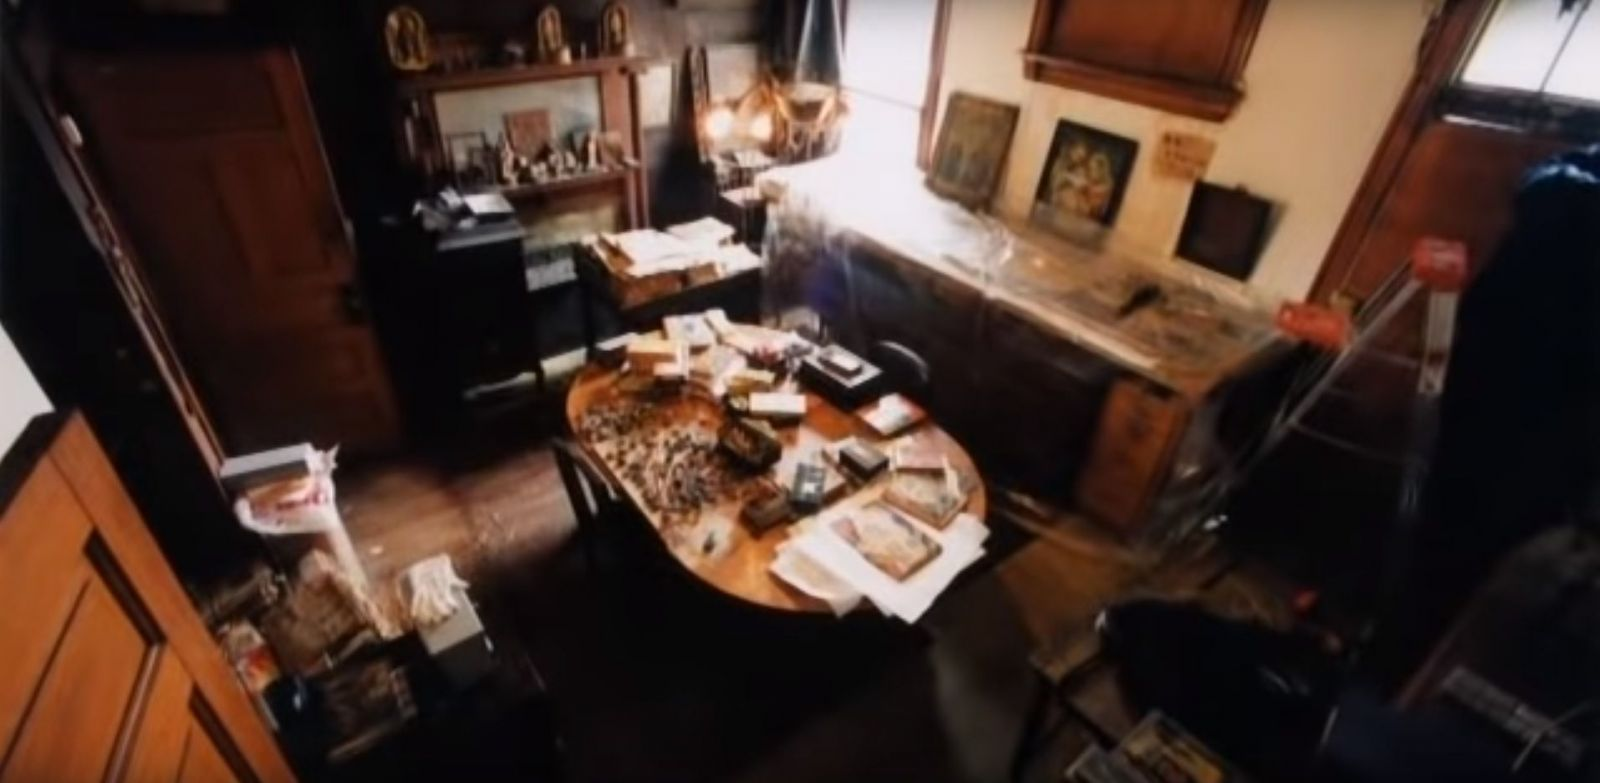 Osamelý údržbár v tajnosti vytvoril najdlhší román na svete a stovky obrazov. Dnes patrí k najoceňovanejším umelcom